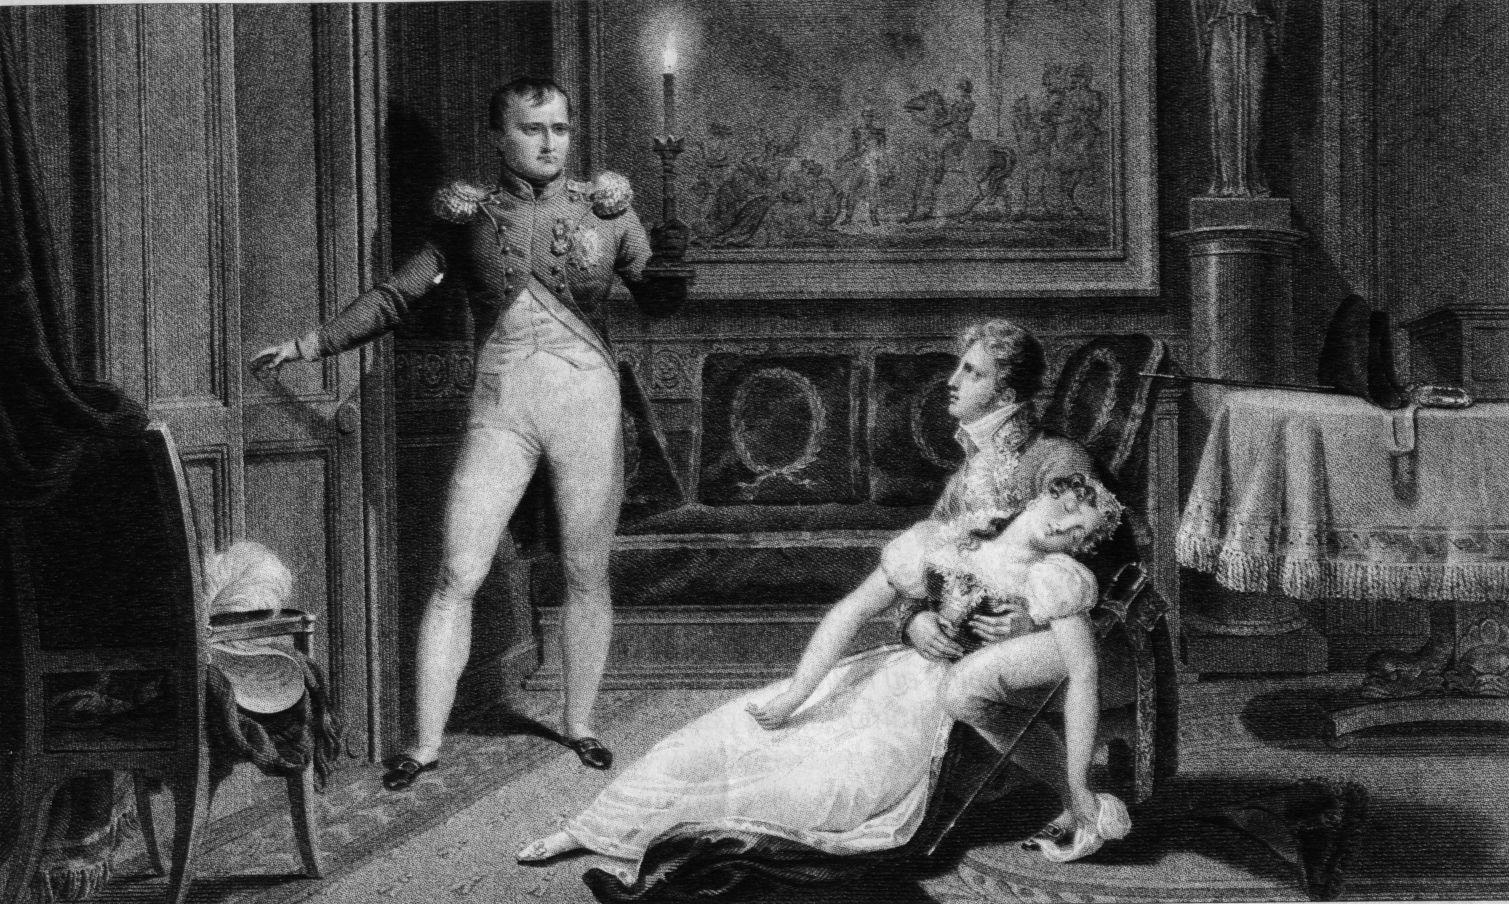 история проститутки жозефина мутценбахер